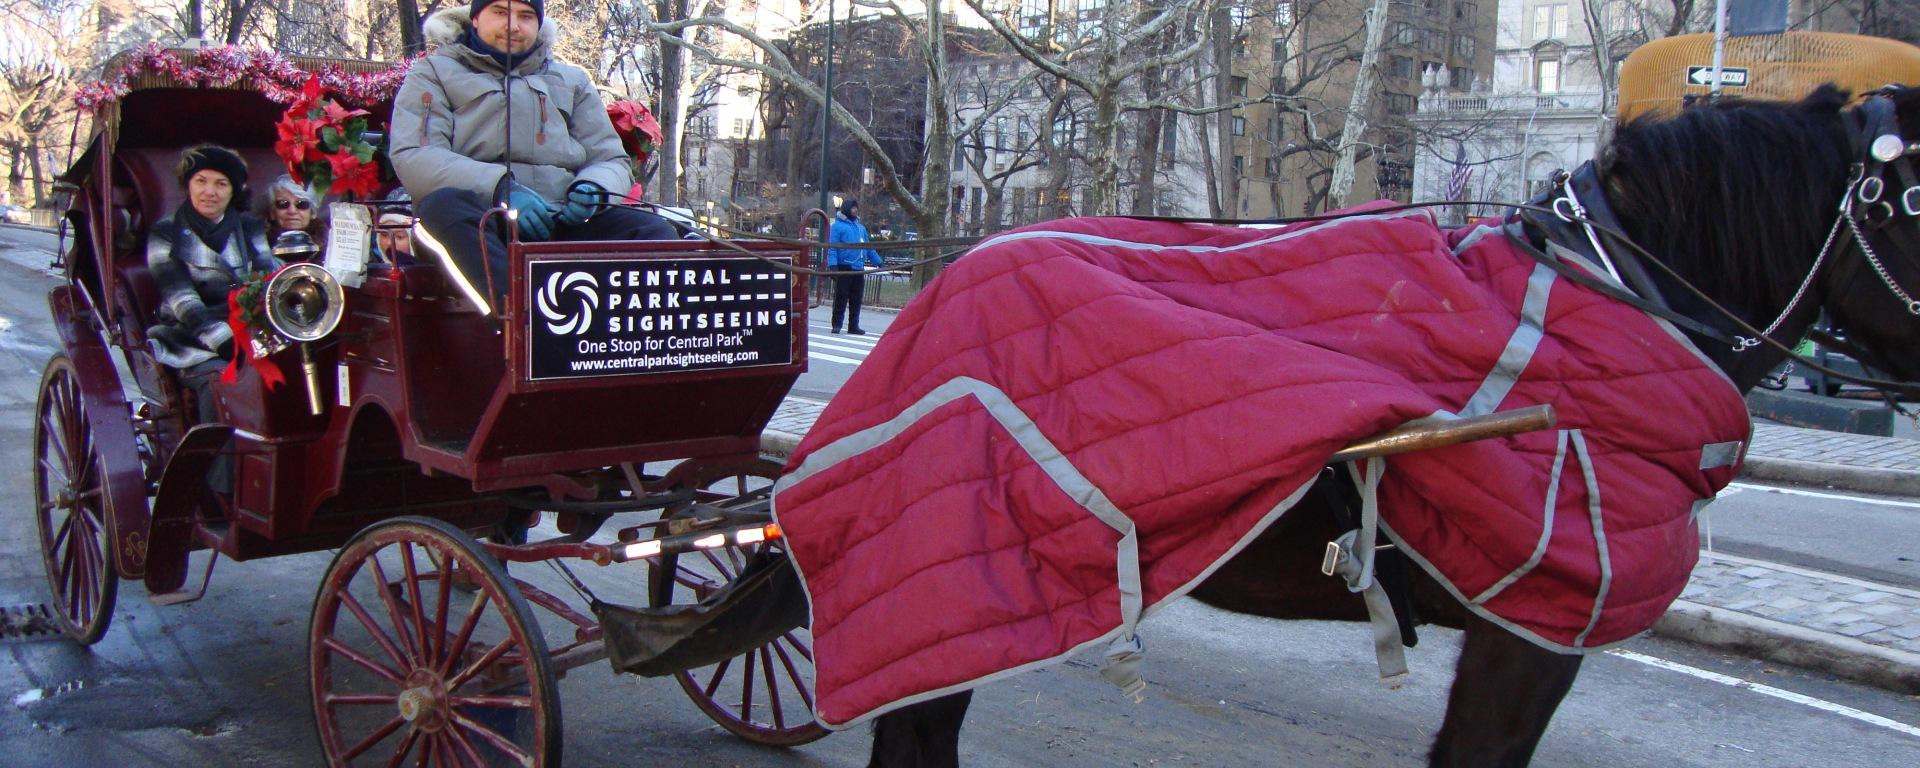 Carruagem no Central Park, Nova Iorque